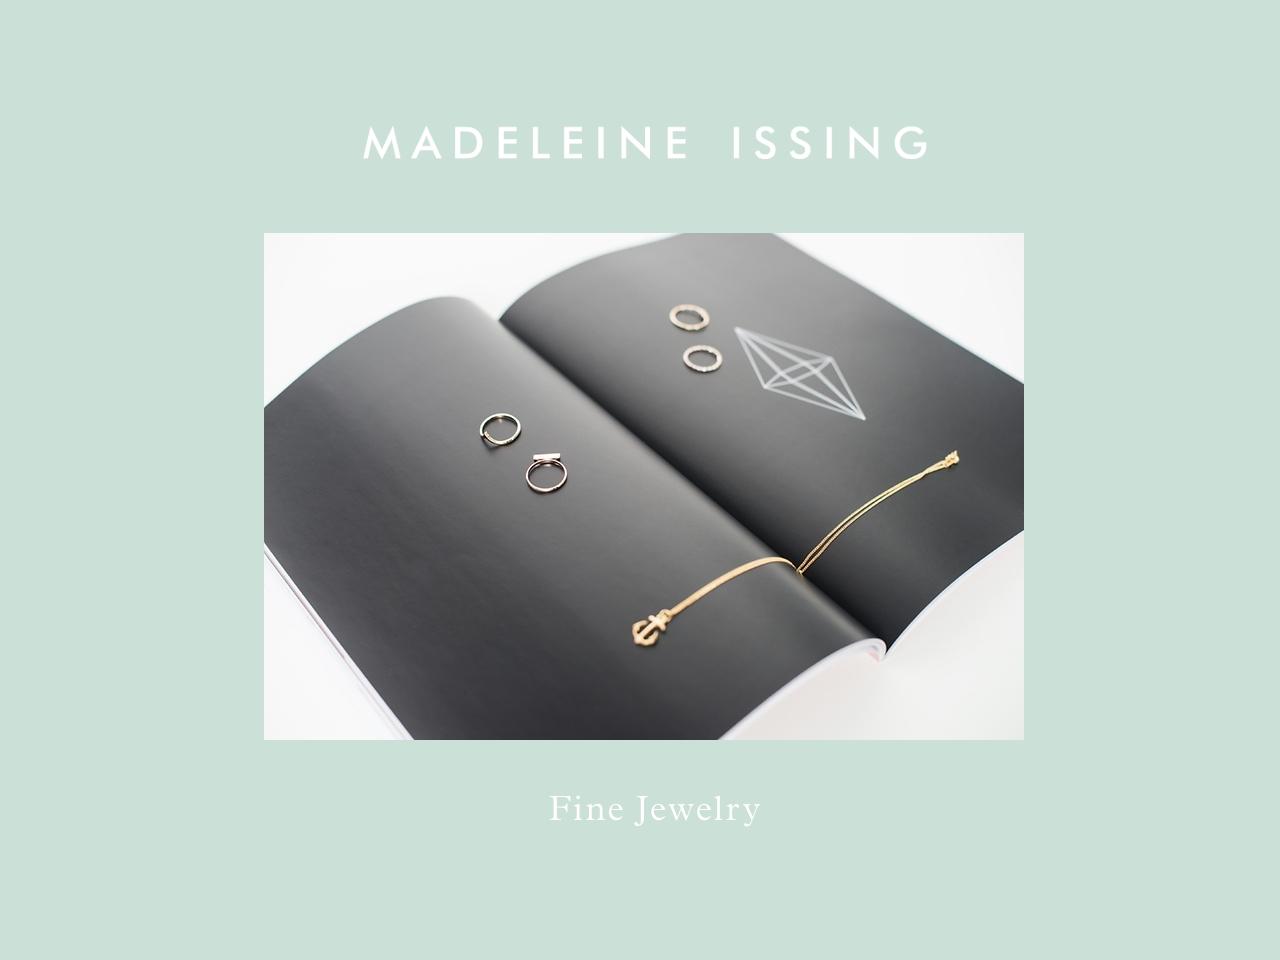 Minimalistische Kette minimalistischer Schmuck Madeleine Issing